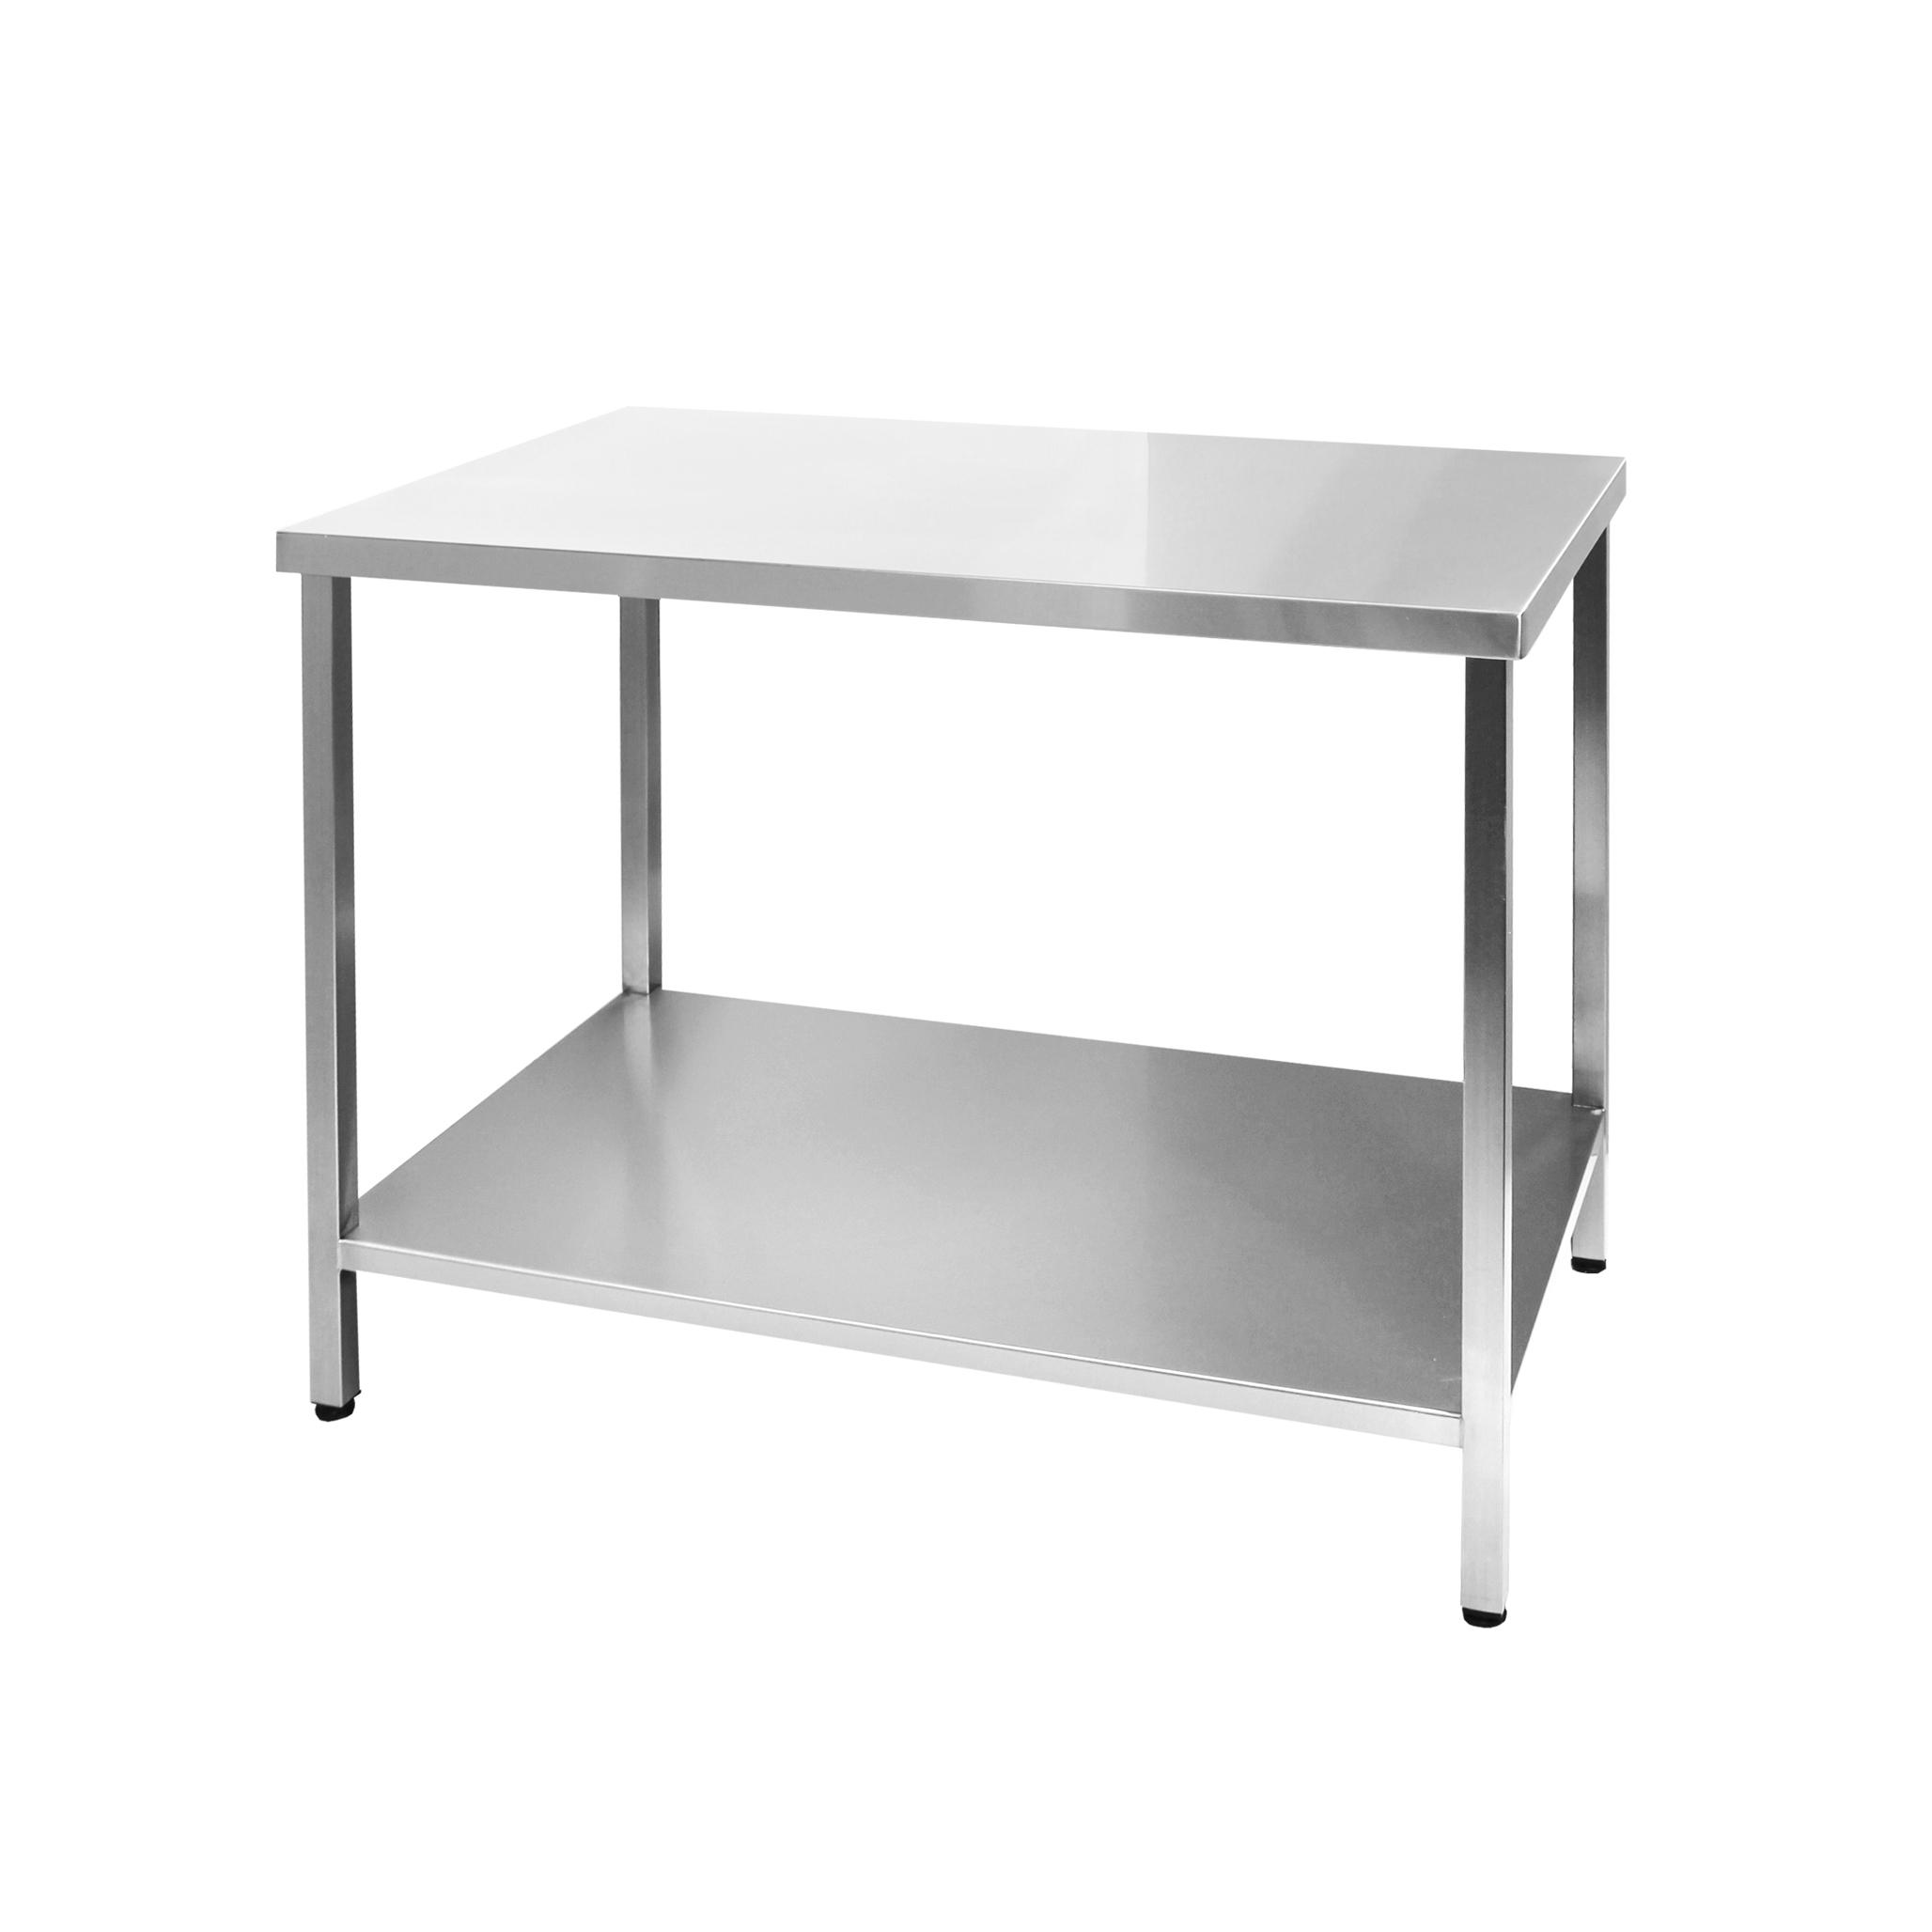 Стол производственный из нержавеющей стали AISI 304/430